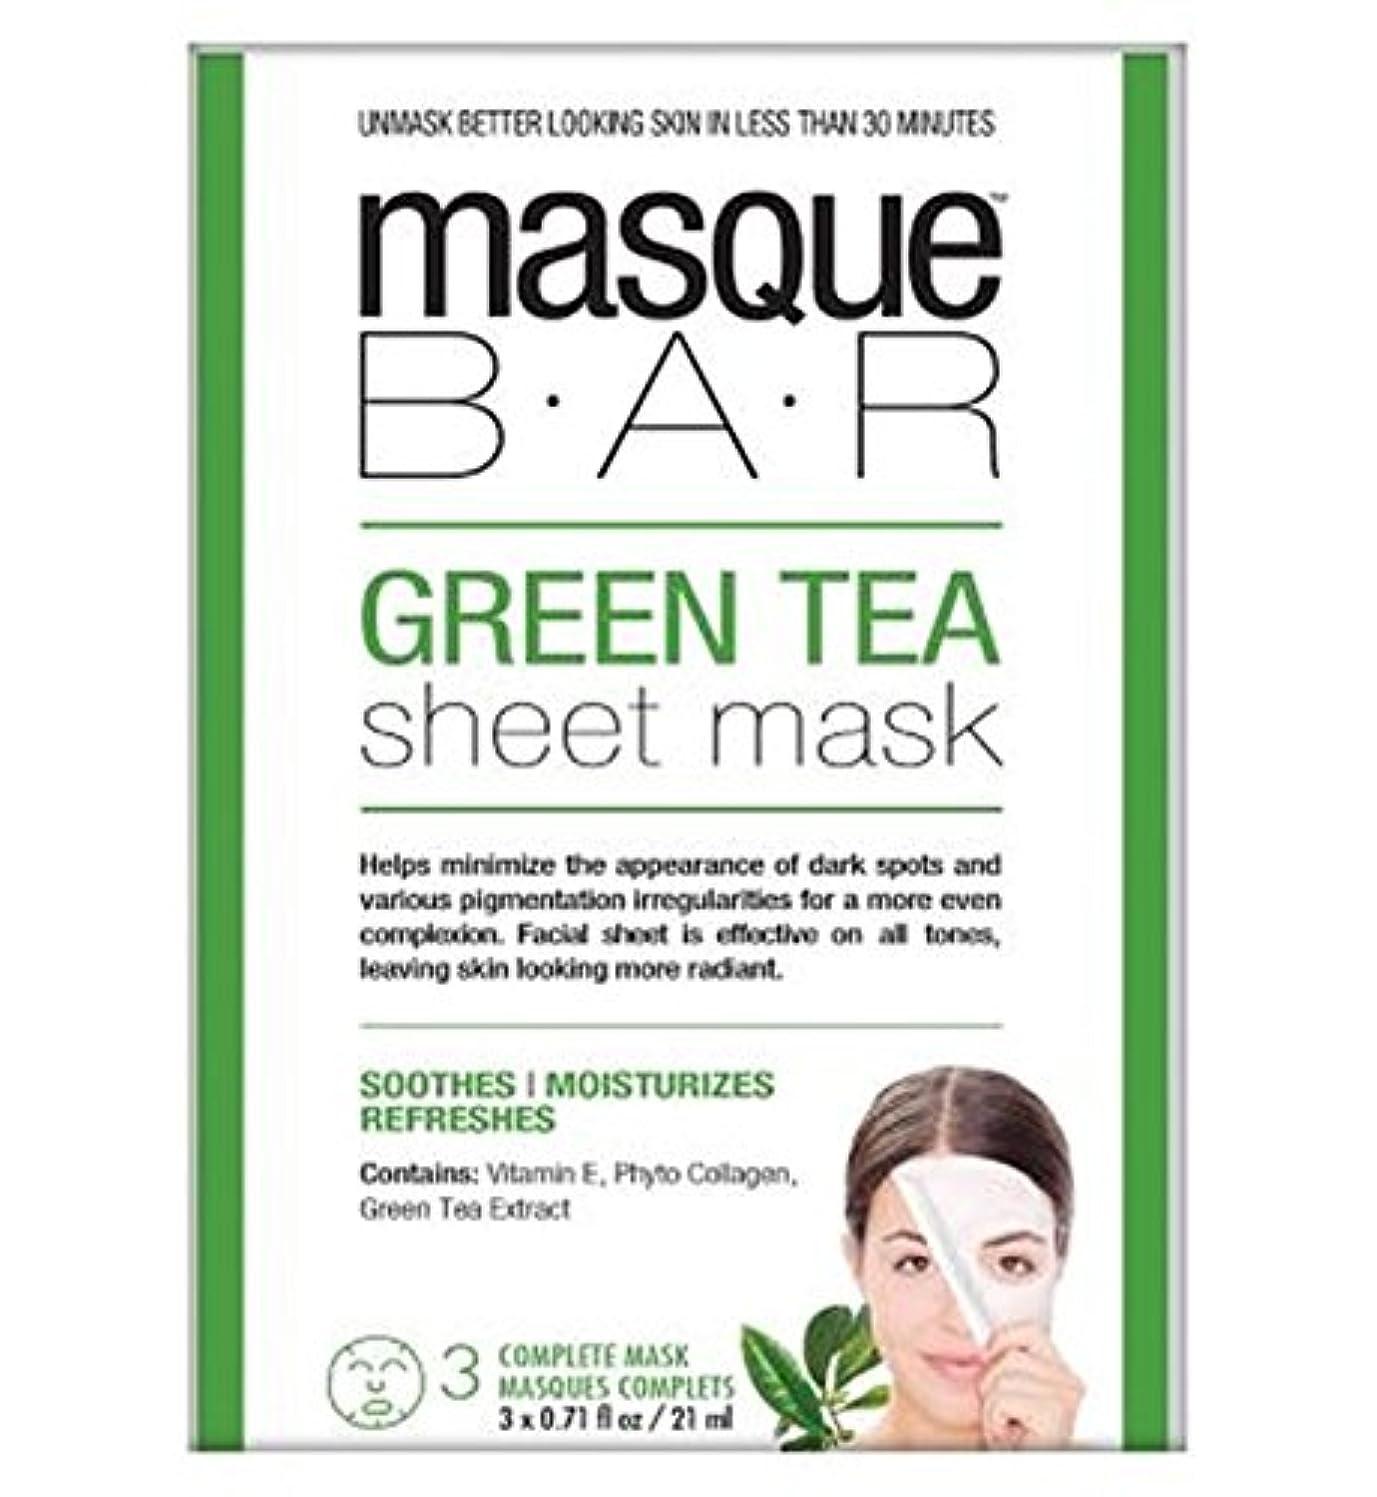 ハリケーン必需品輝くMasque Bar Green Tea Sheet Mask - 3 complete masks - 仮面劇バー緑茶シートマスク - 3完全なマスク (P6B Masque Bar Bt) [並行輸入品]